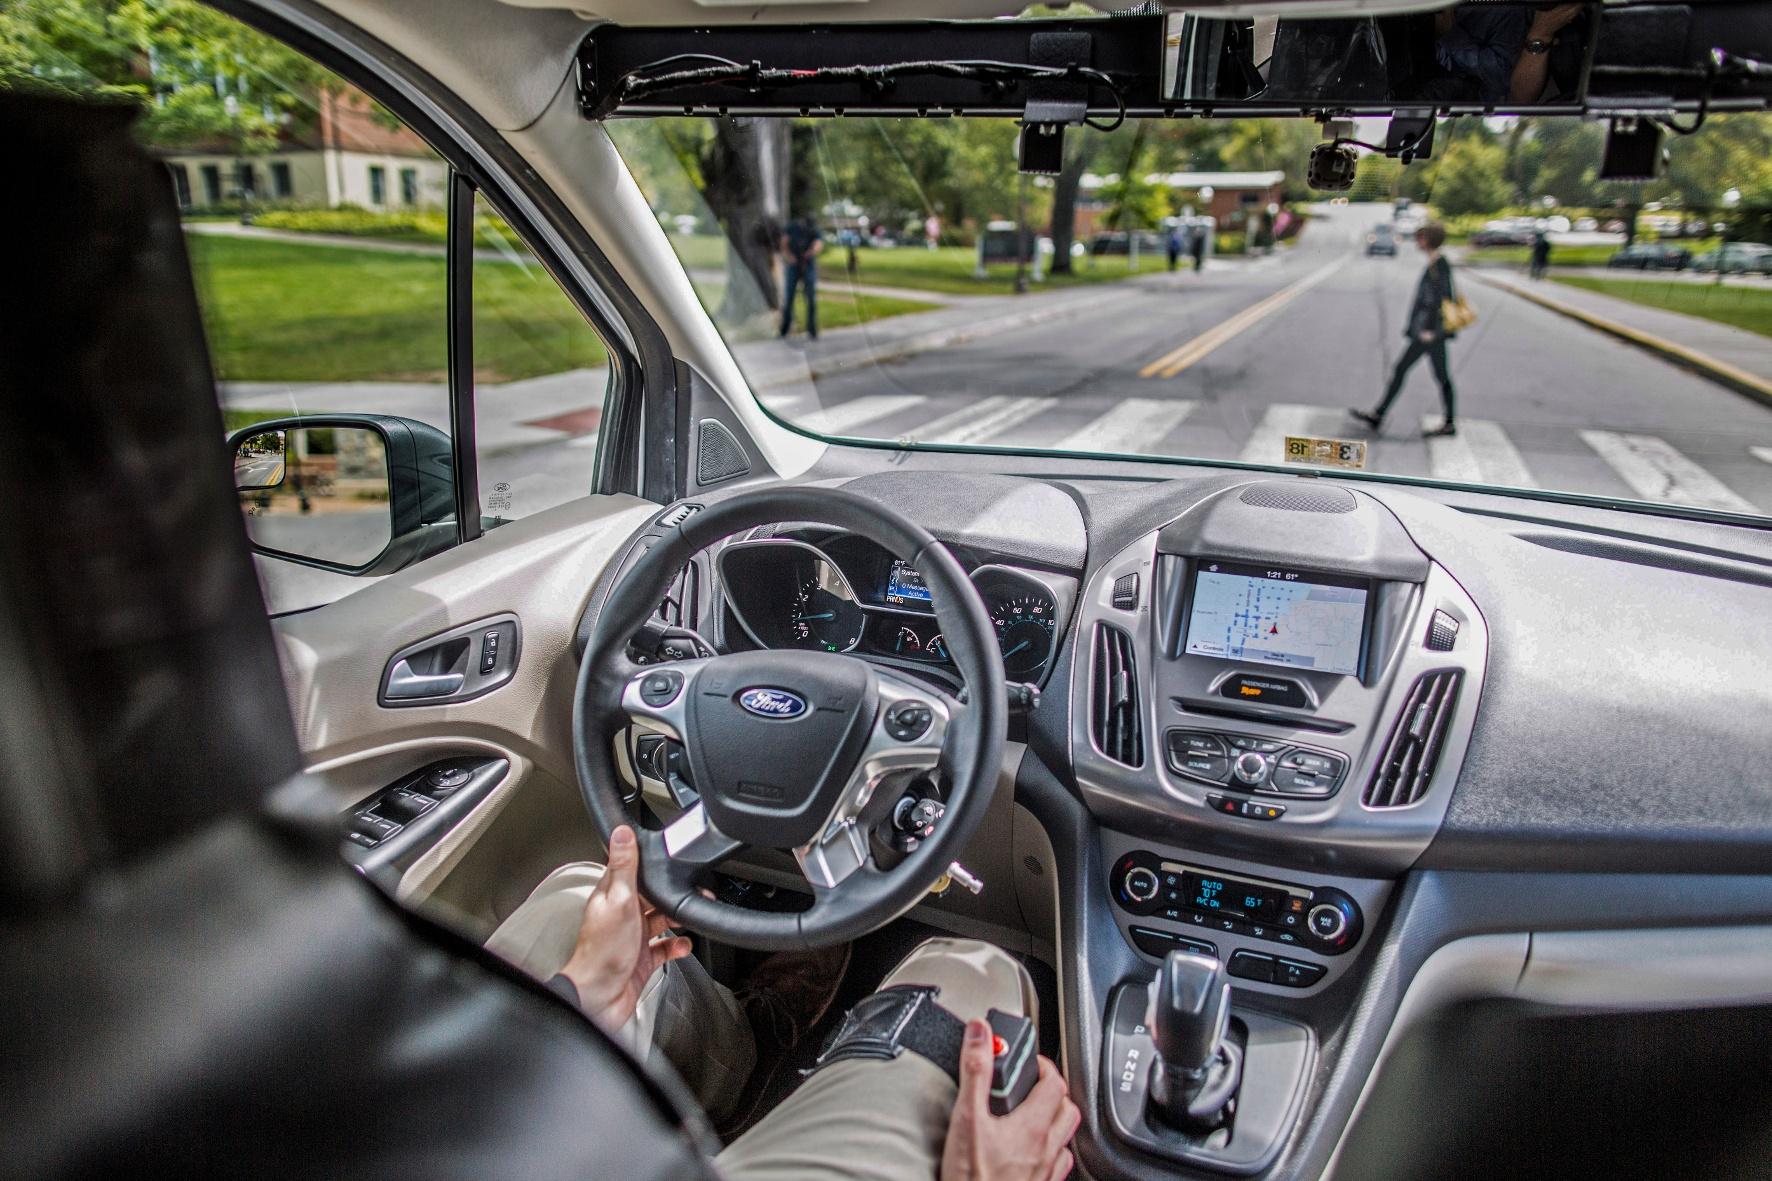 Autonome Autos kommunizieren mit dem Fußgänger